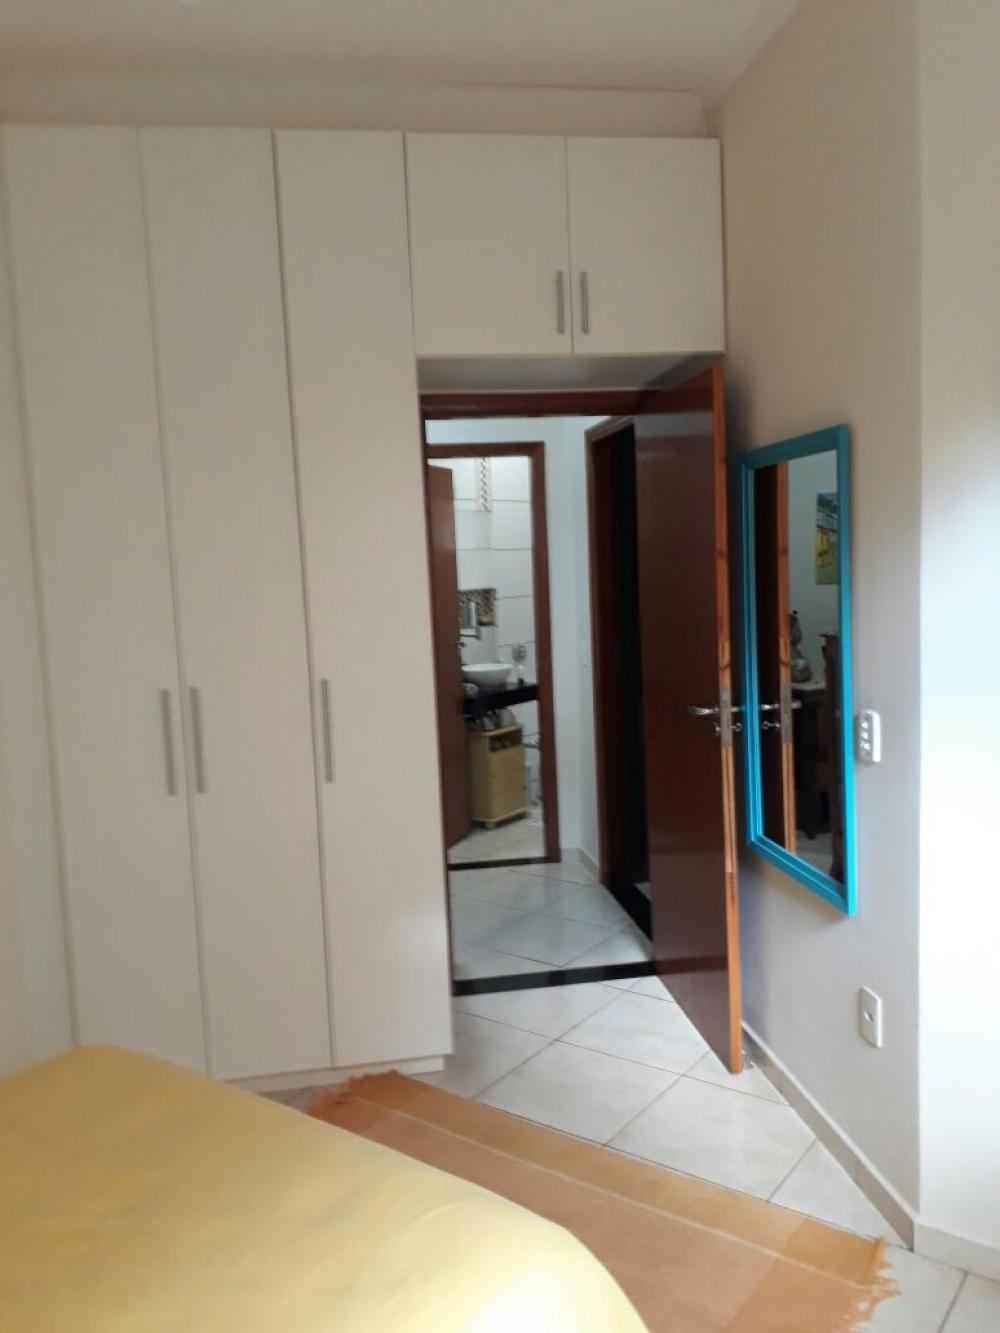 Comprar Casa / Padrão em São José do Rio Preto R$ 260.000,00 - Foto 3